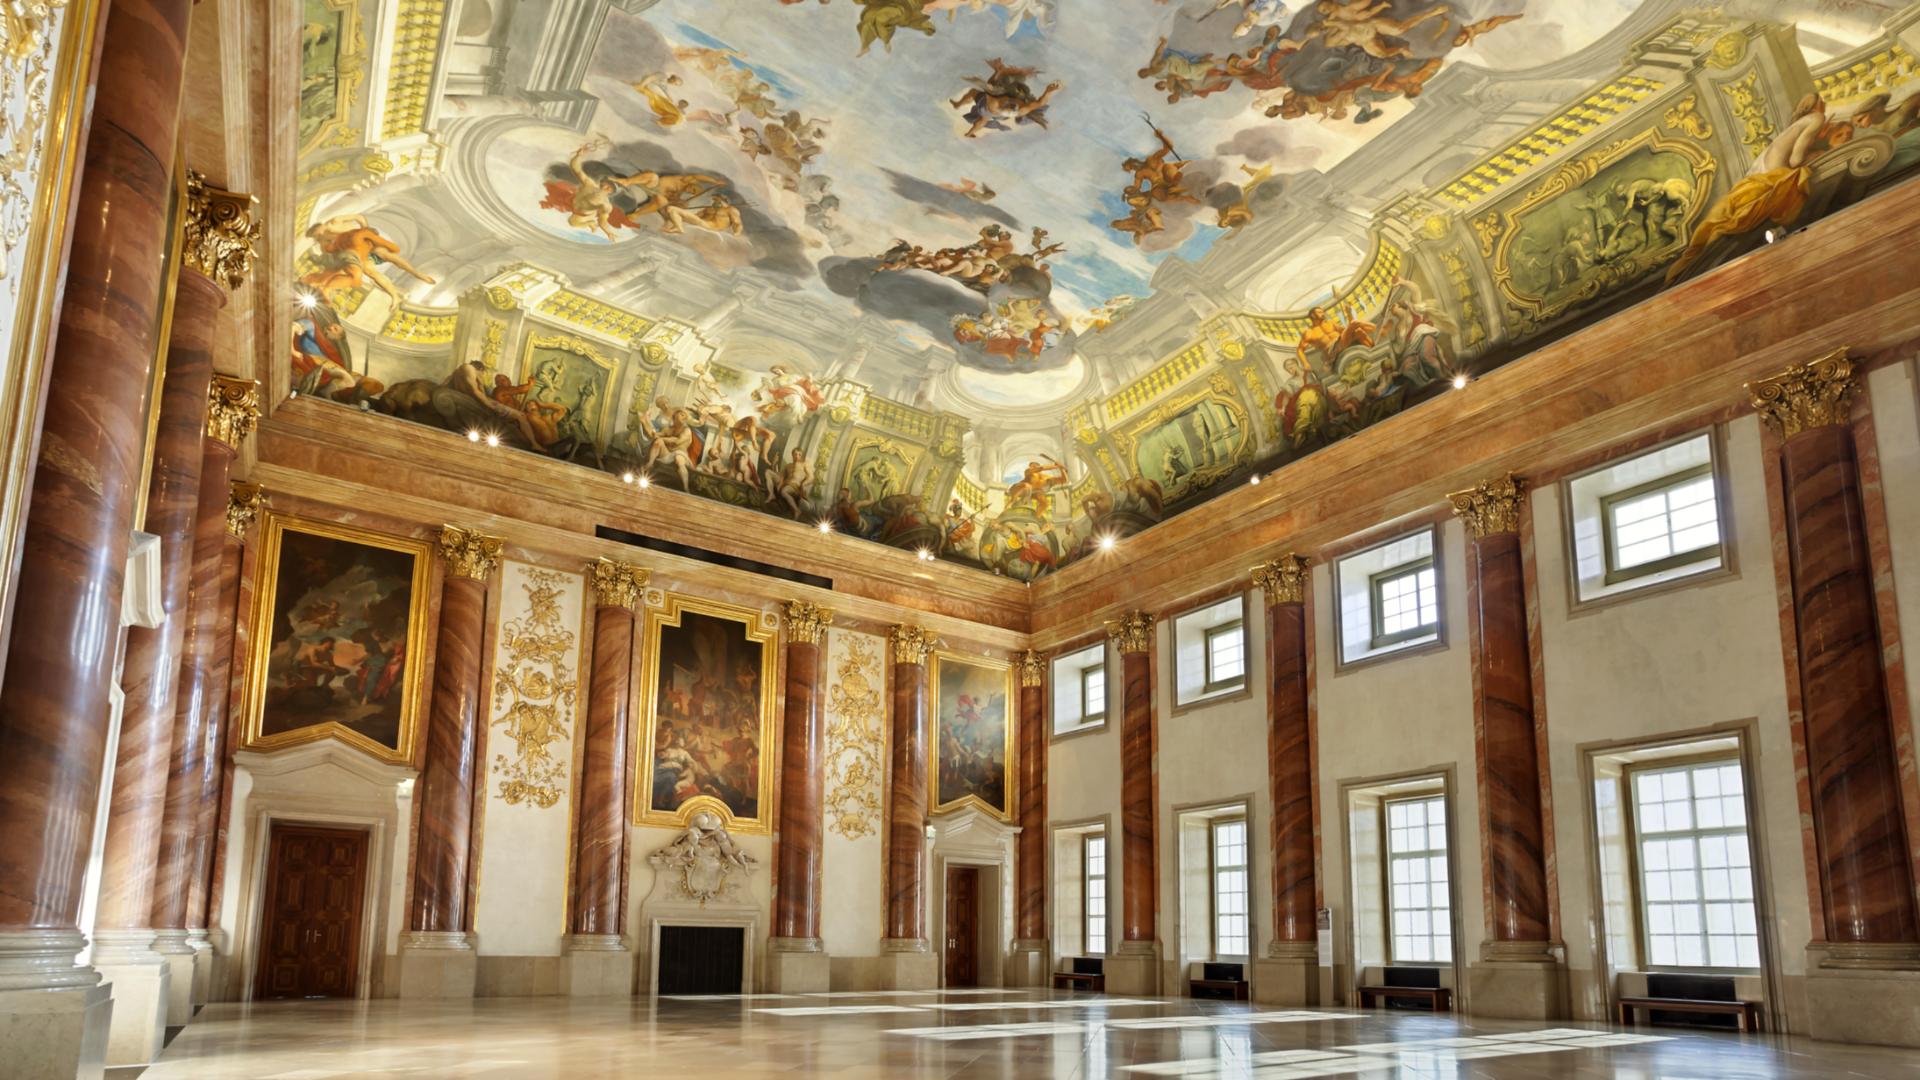 LVHF Gartenpalais Herculessaal 16x9